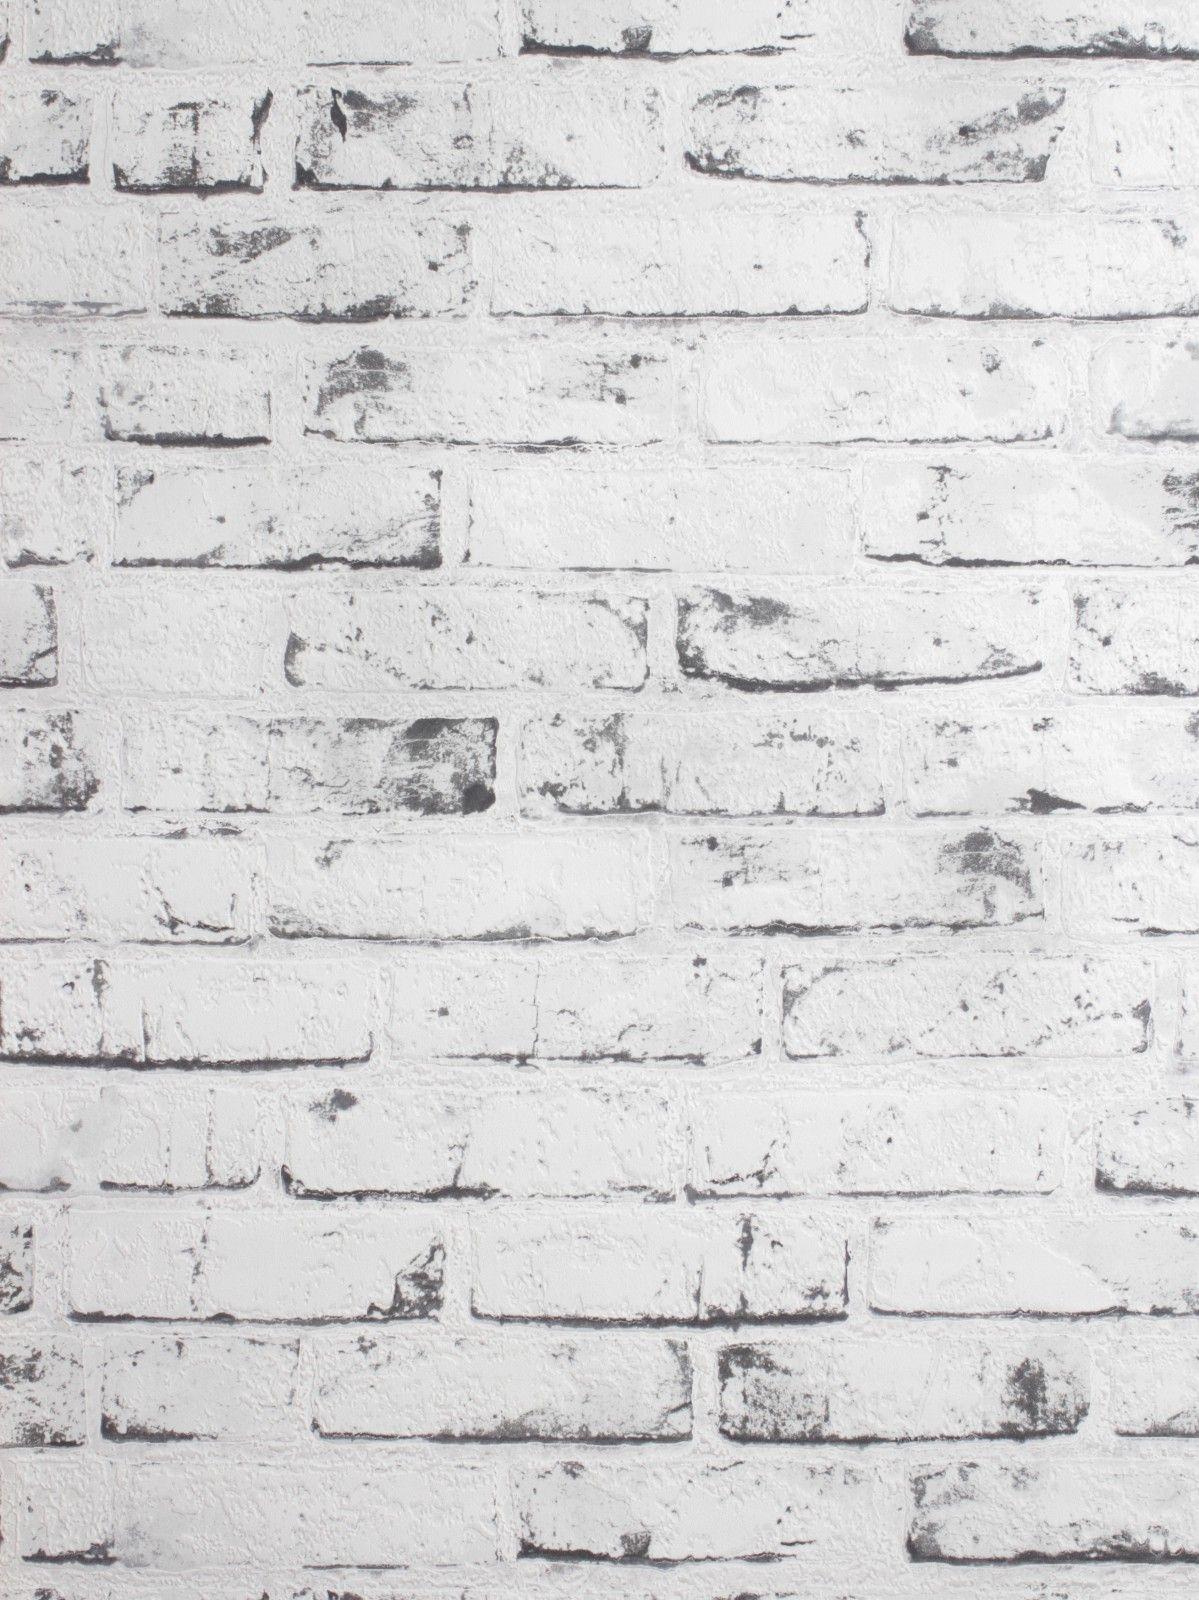 Vliestapete Weiß Steine As Creation 9078-37 | Tapeten | Pinterest ... Stein Tapete Schwarz Wohnzimmer